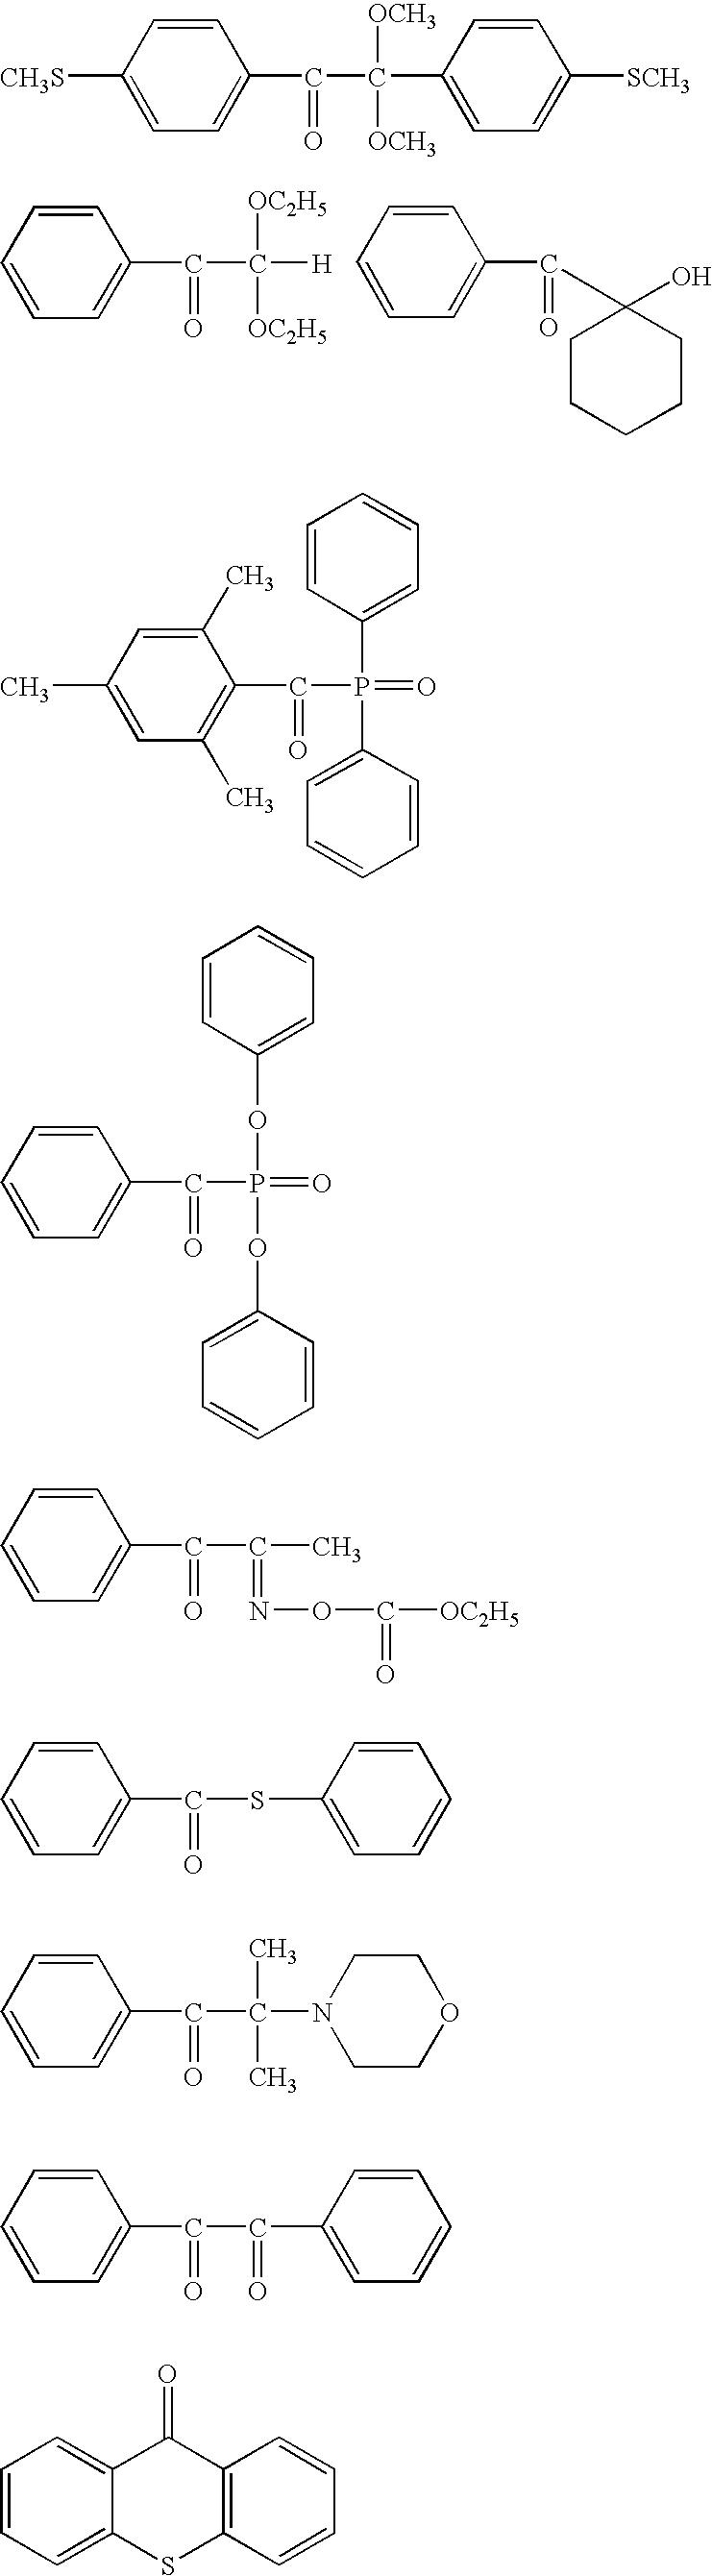 Figure US20090246653A1-20091001-C00161